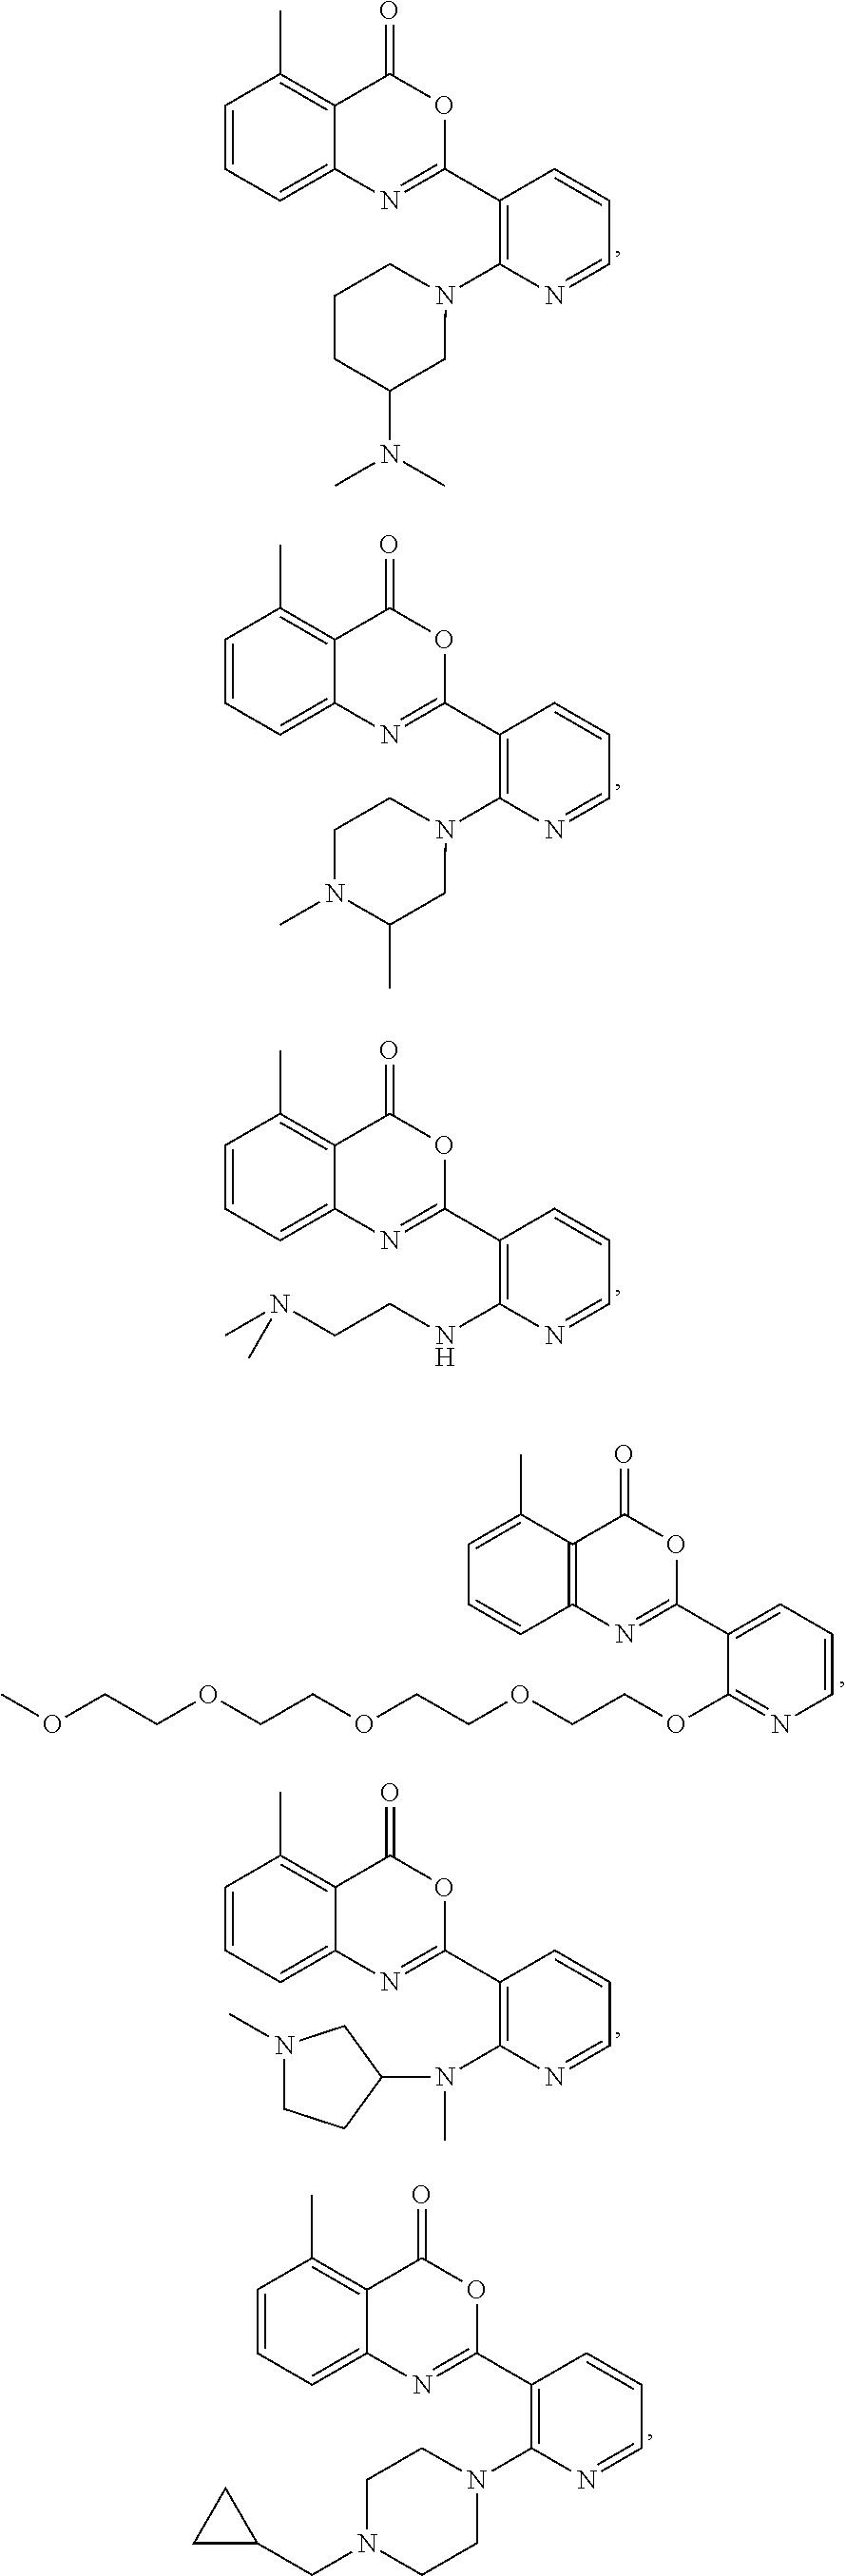 Figure US07879846-20110201-C00031